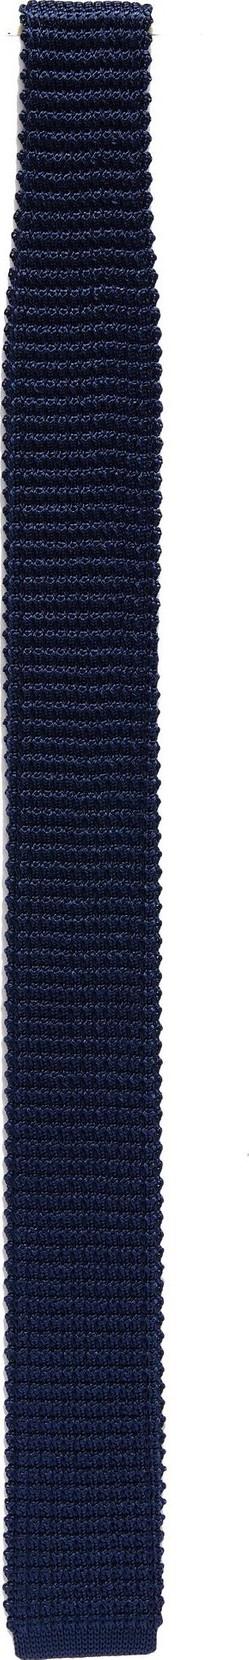 Lanvin Knit tie